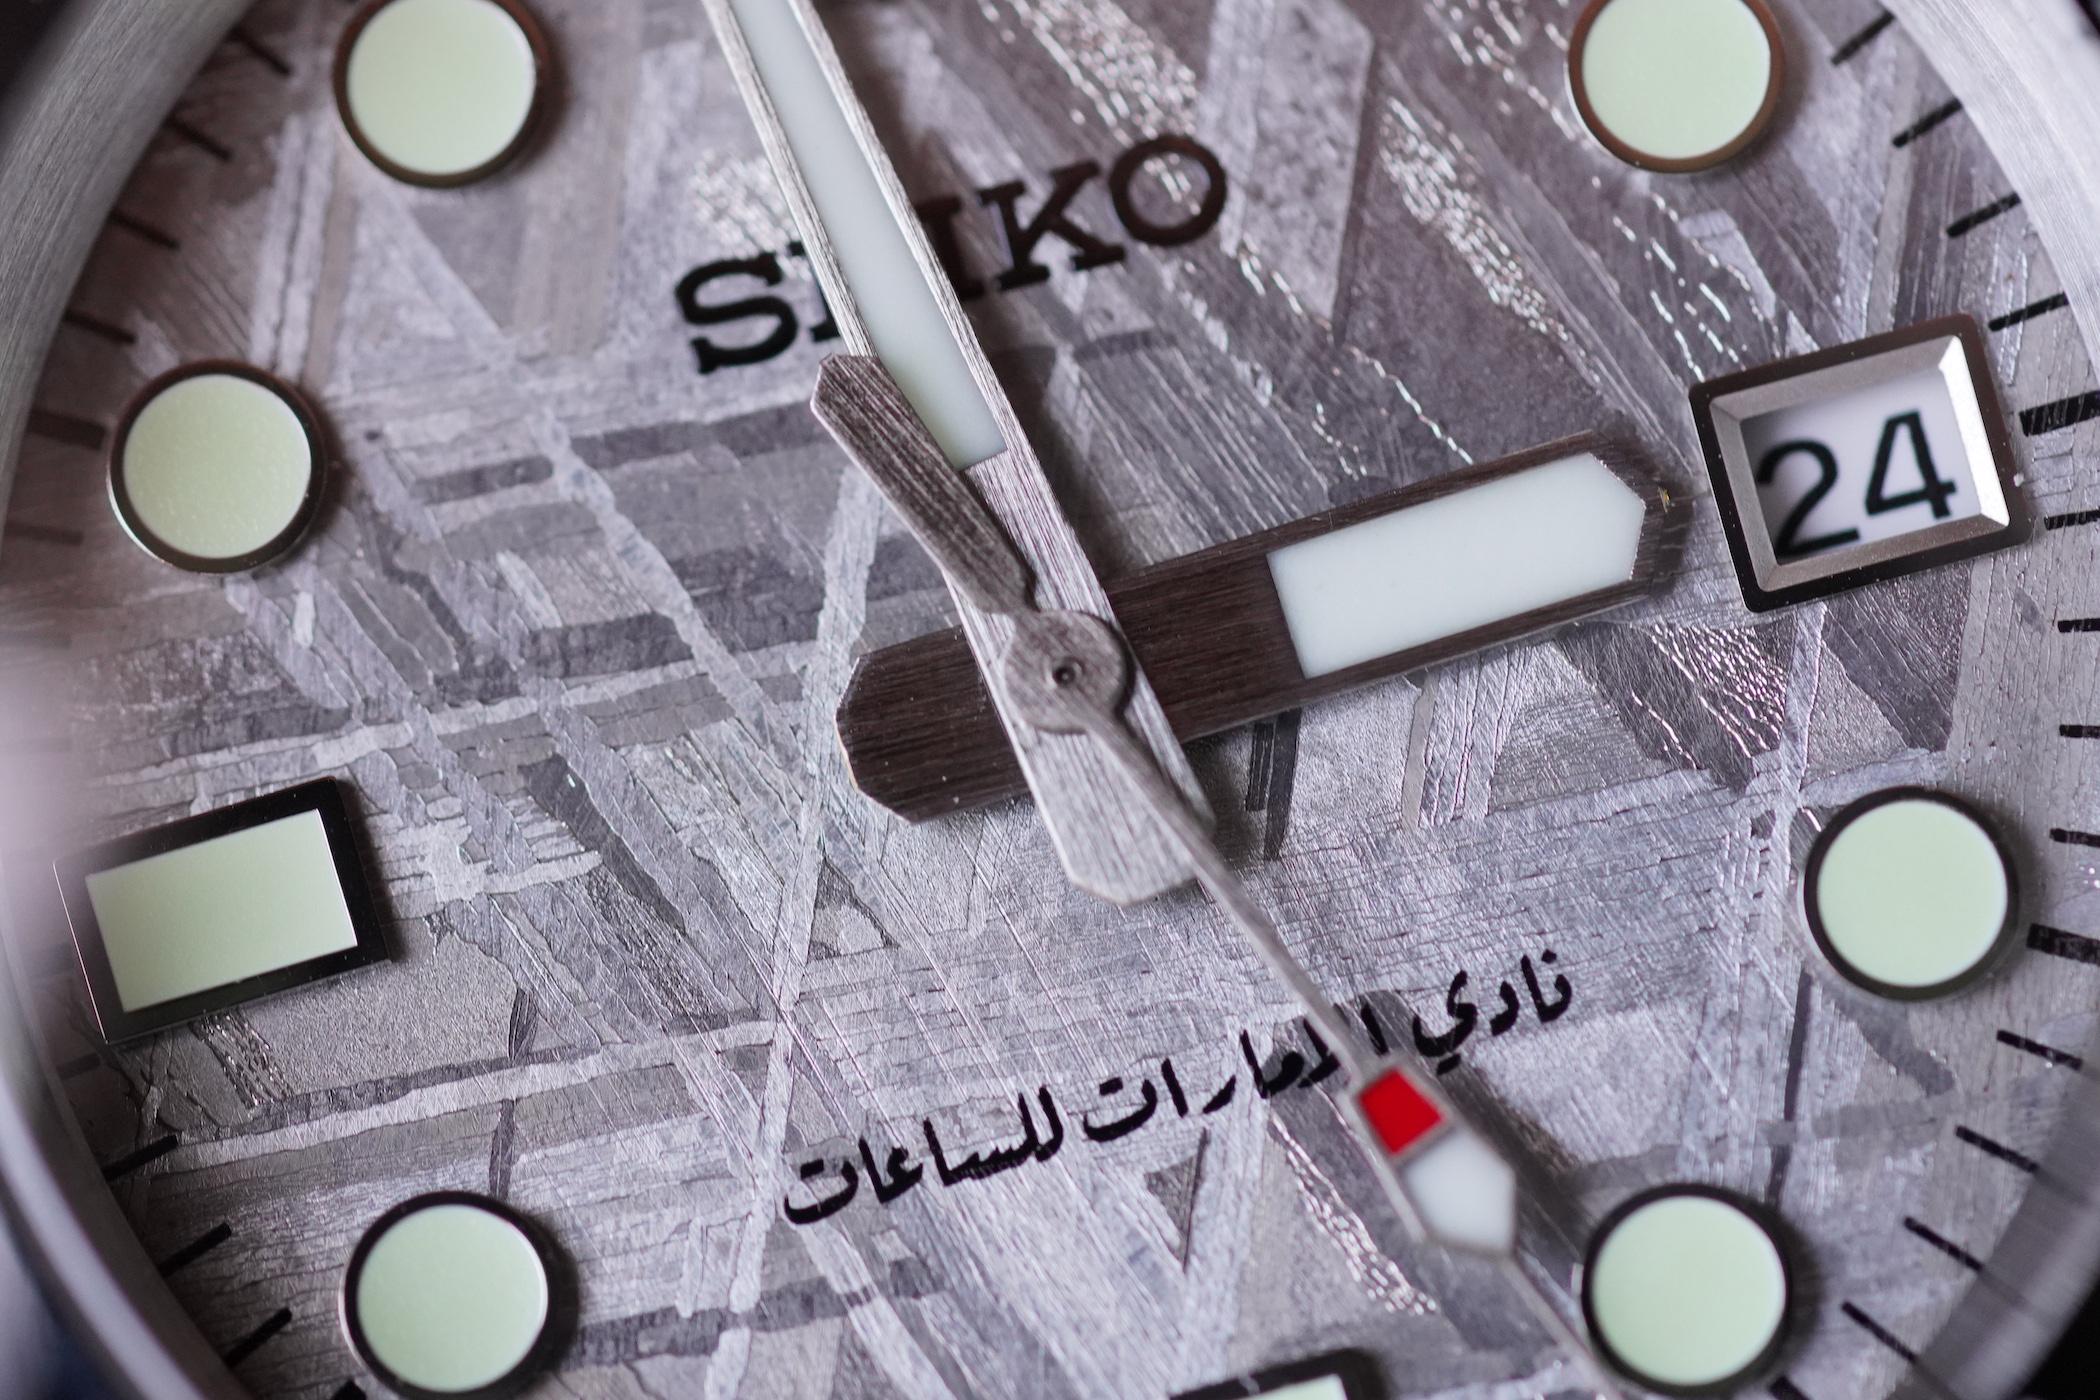 SeikoMod Emirates Watch Club - 2